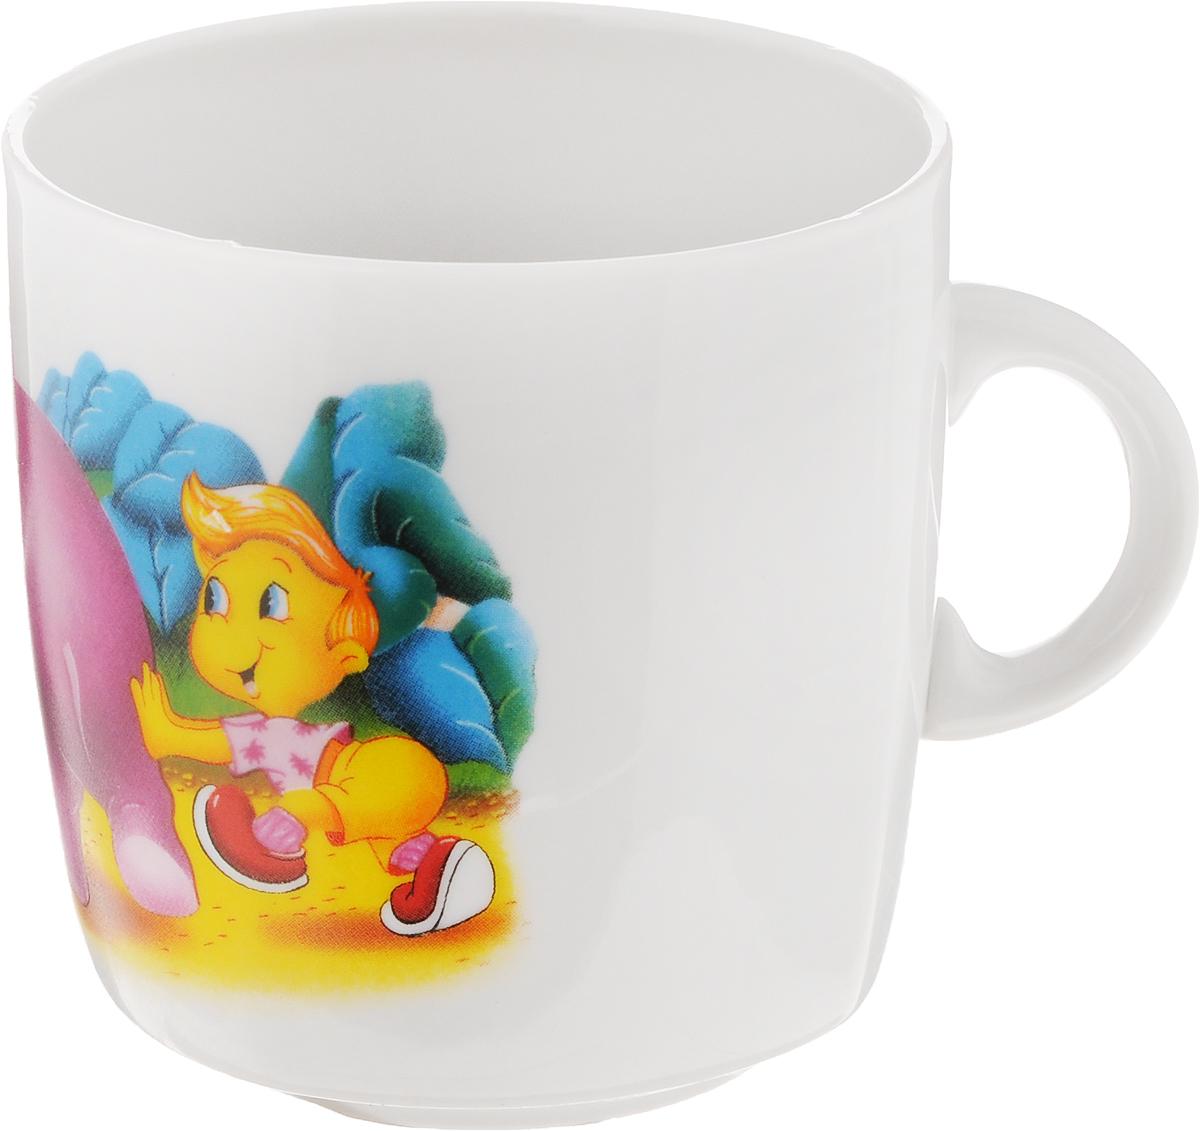 Кружка Фарфор Вербилок Слоник, 210 мл8652530_слонКружка Фарфор Вербилок Слоник способна скрасить любое чаепитие. Изделие выполнено из высококачественного фарфора. Посуда из такого материала позволяет сохранить истинный вкус напитка, а также помогает ему дольше оставаться теплым.